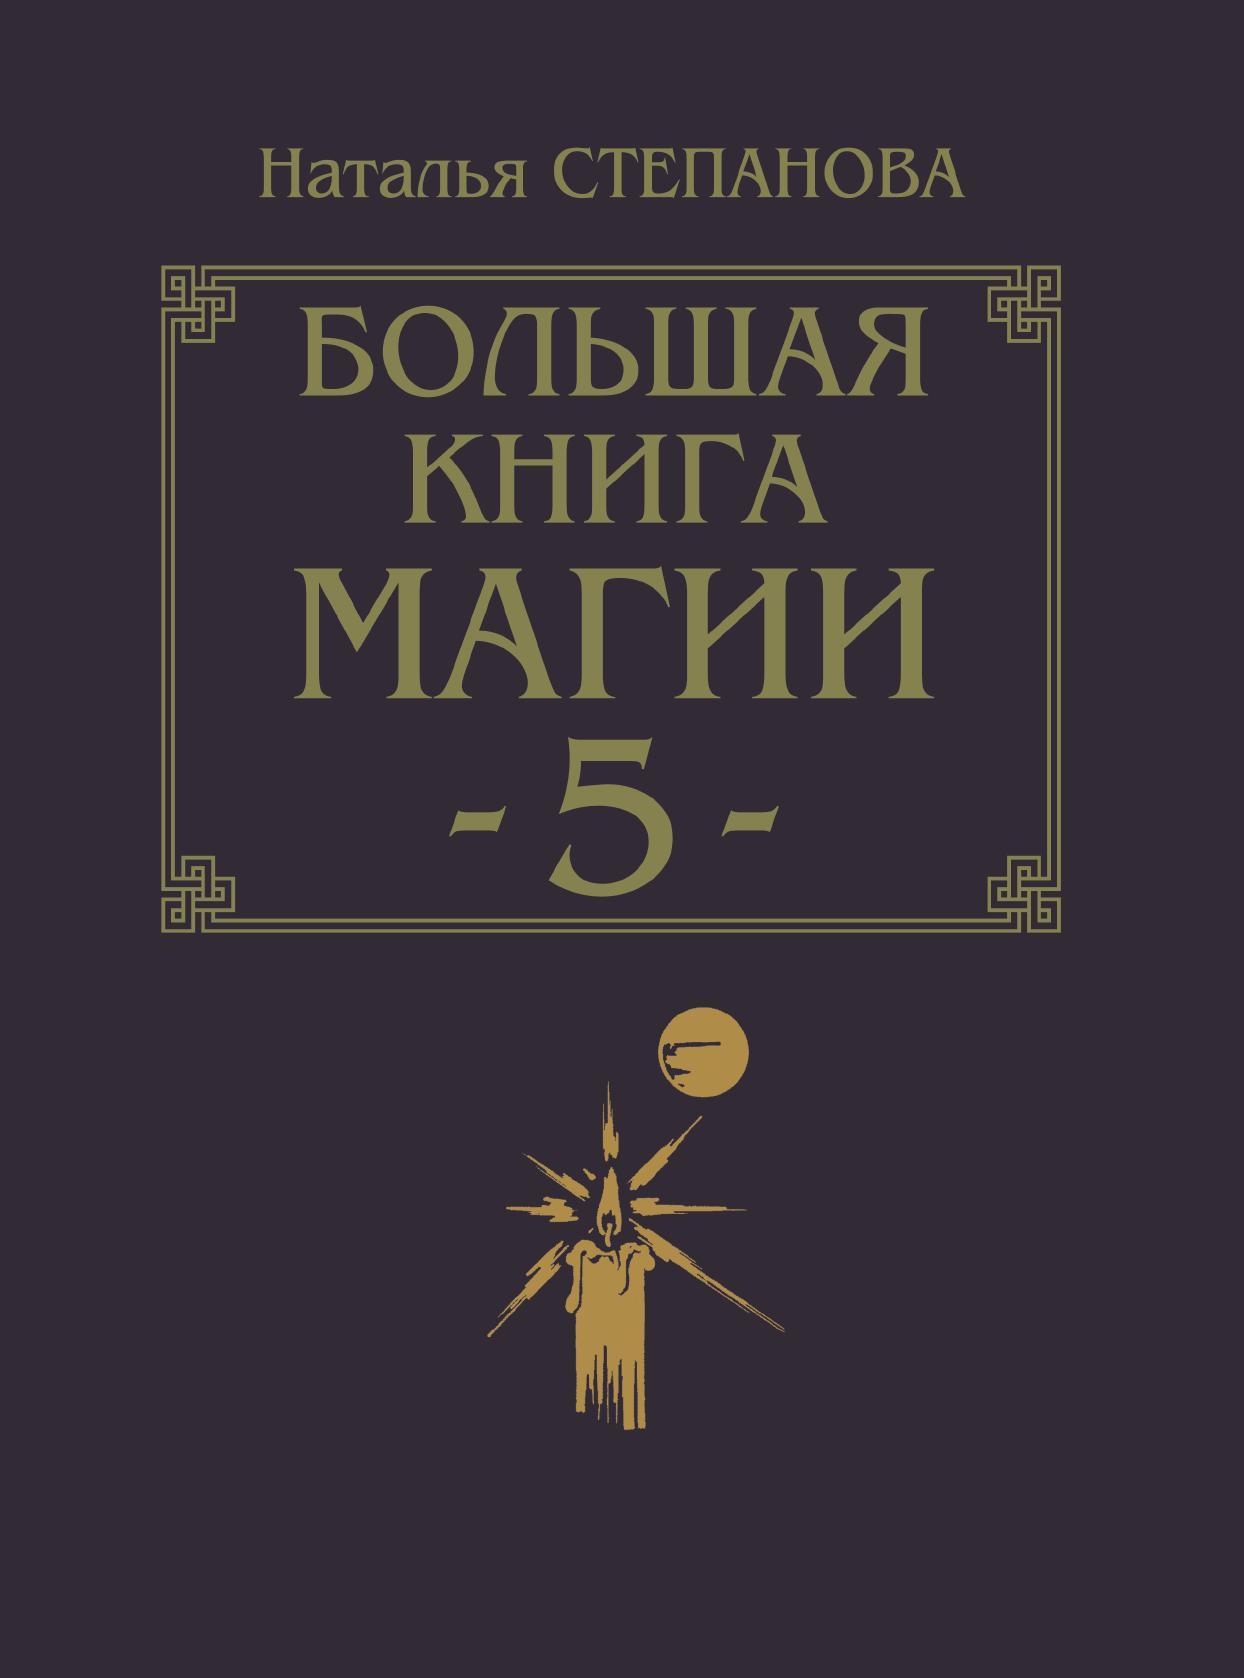 Степанова Н.И. Большая книга магии - 5